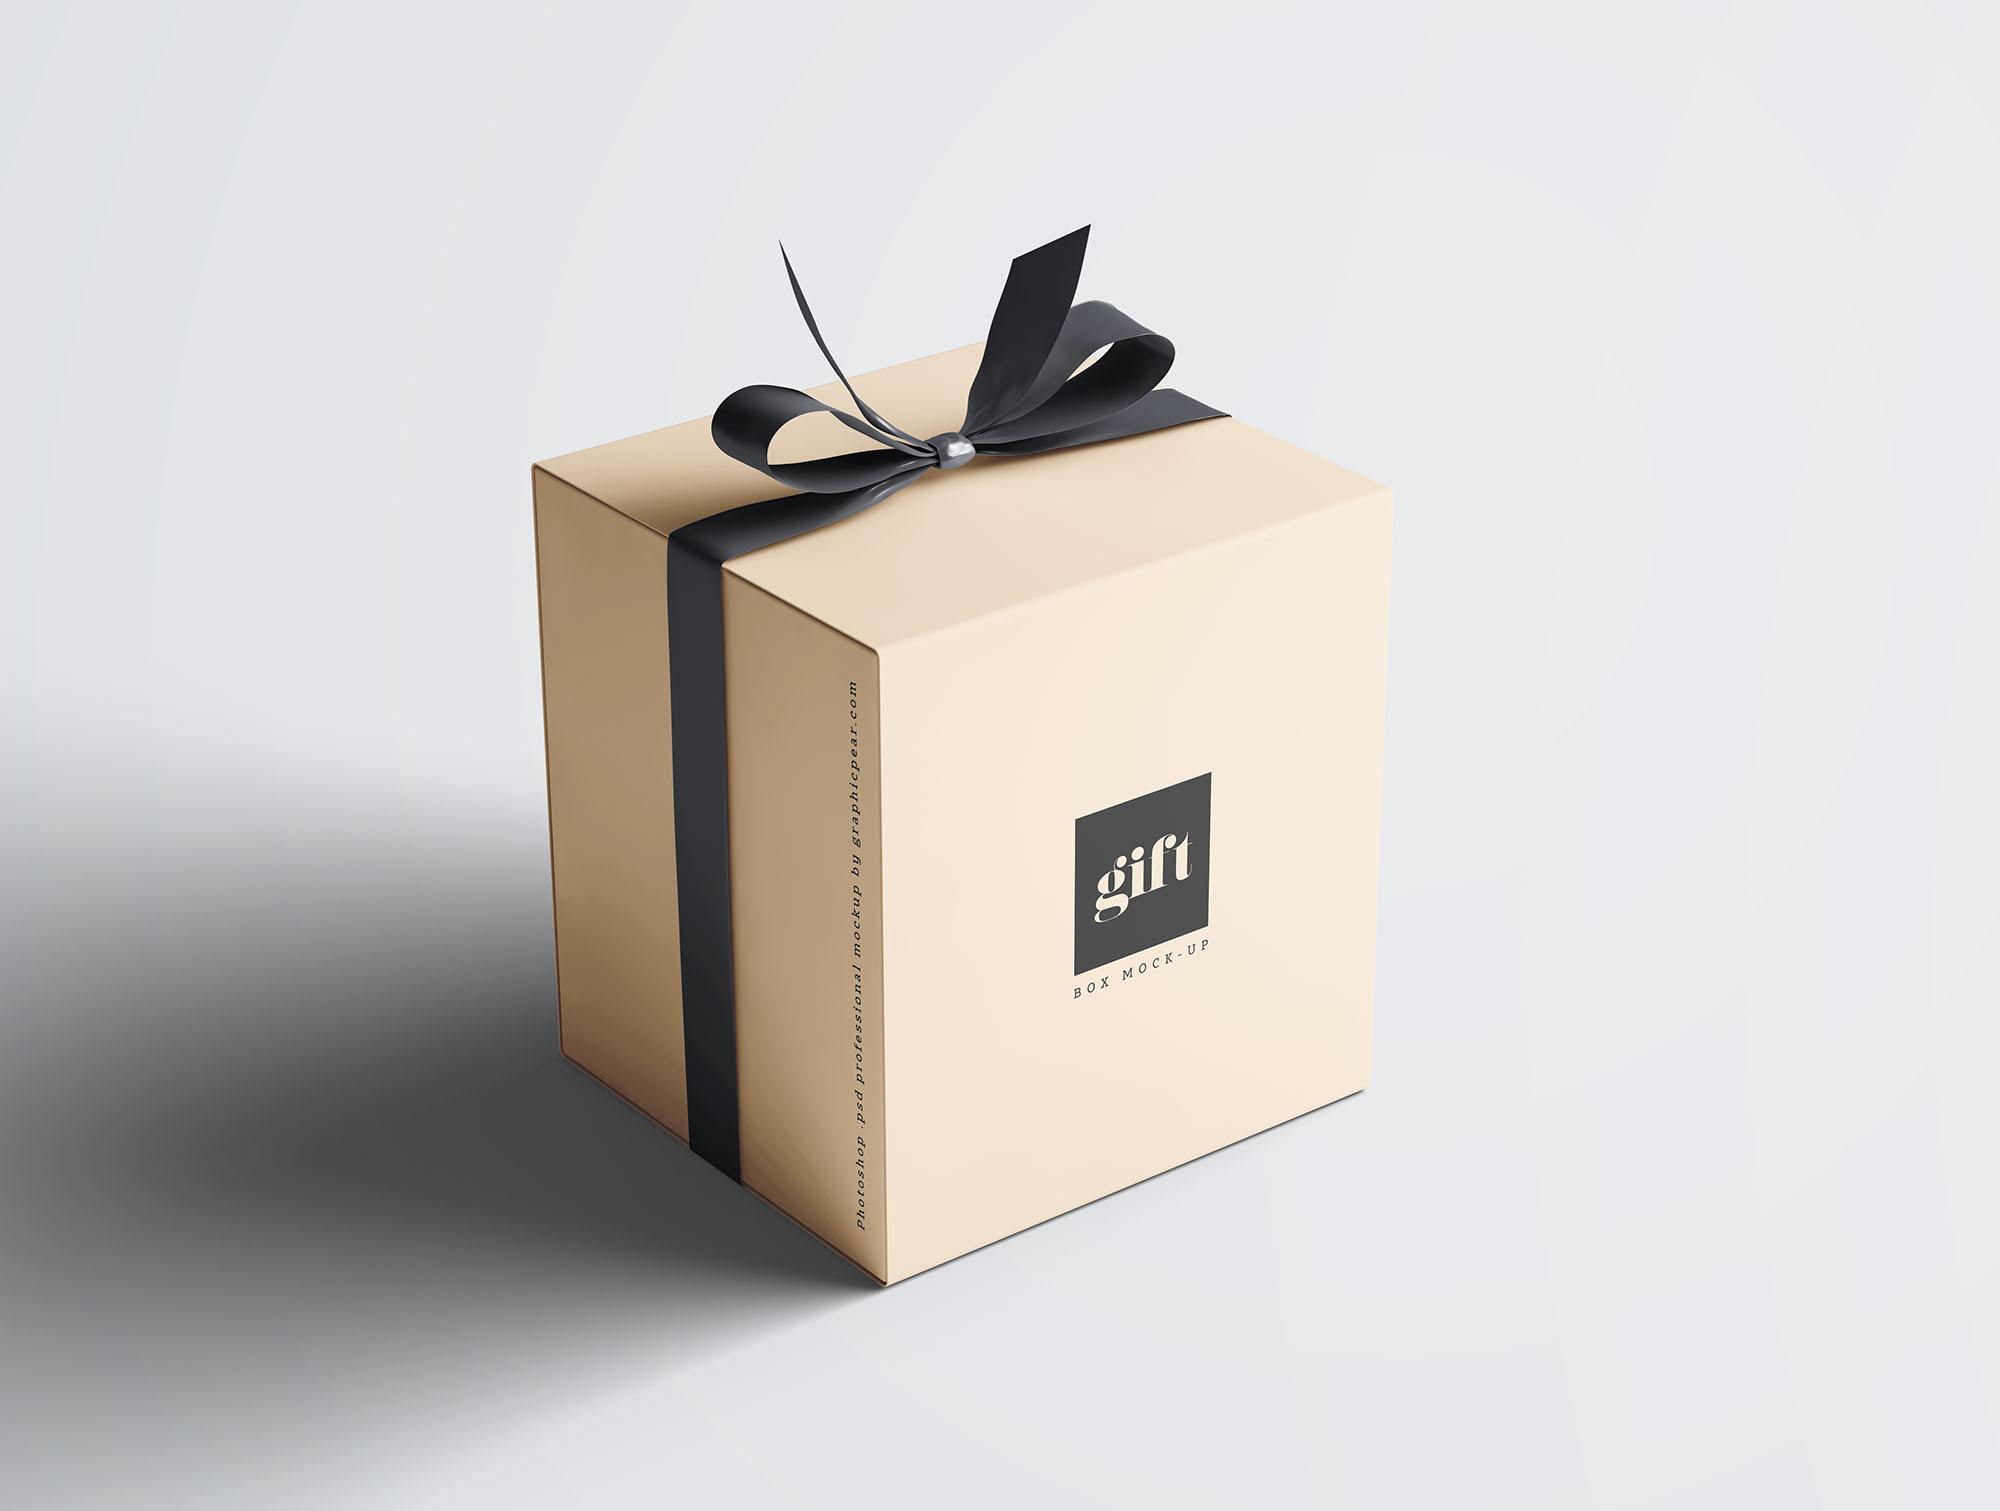 Gift Box Mockup 1